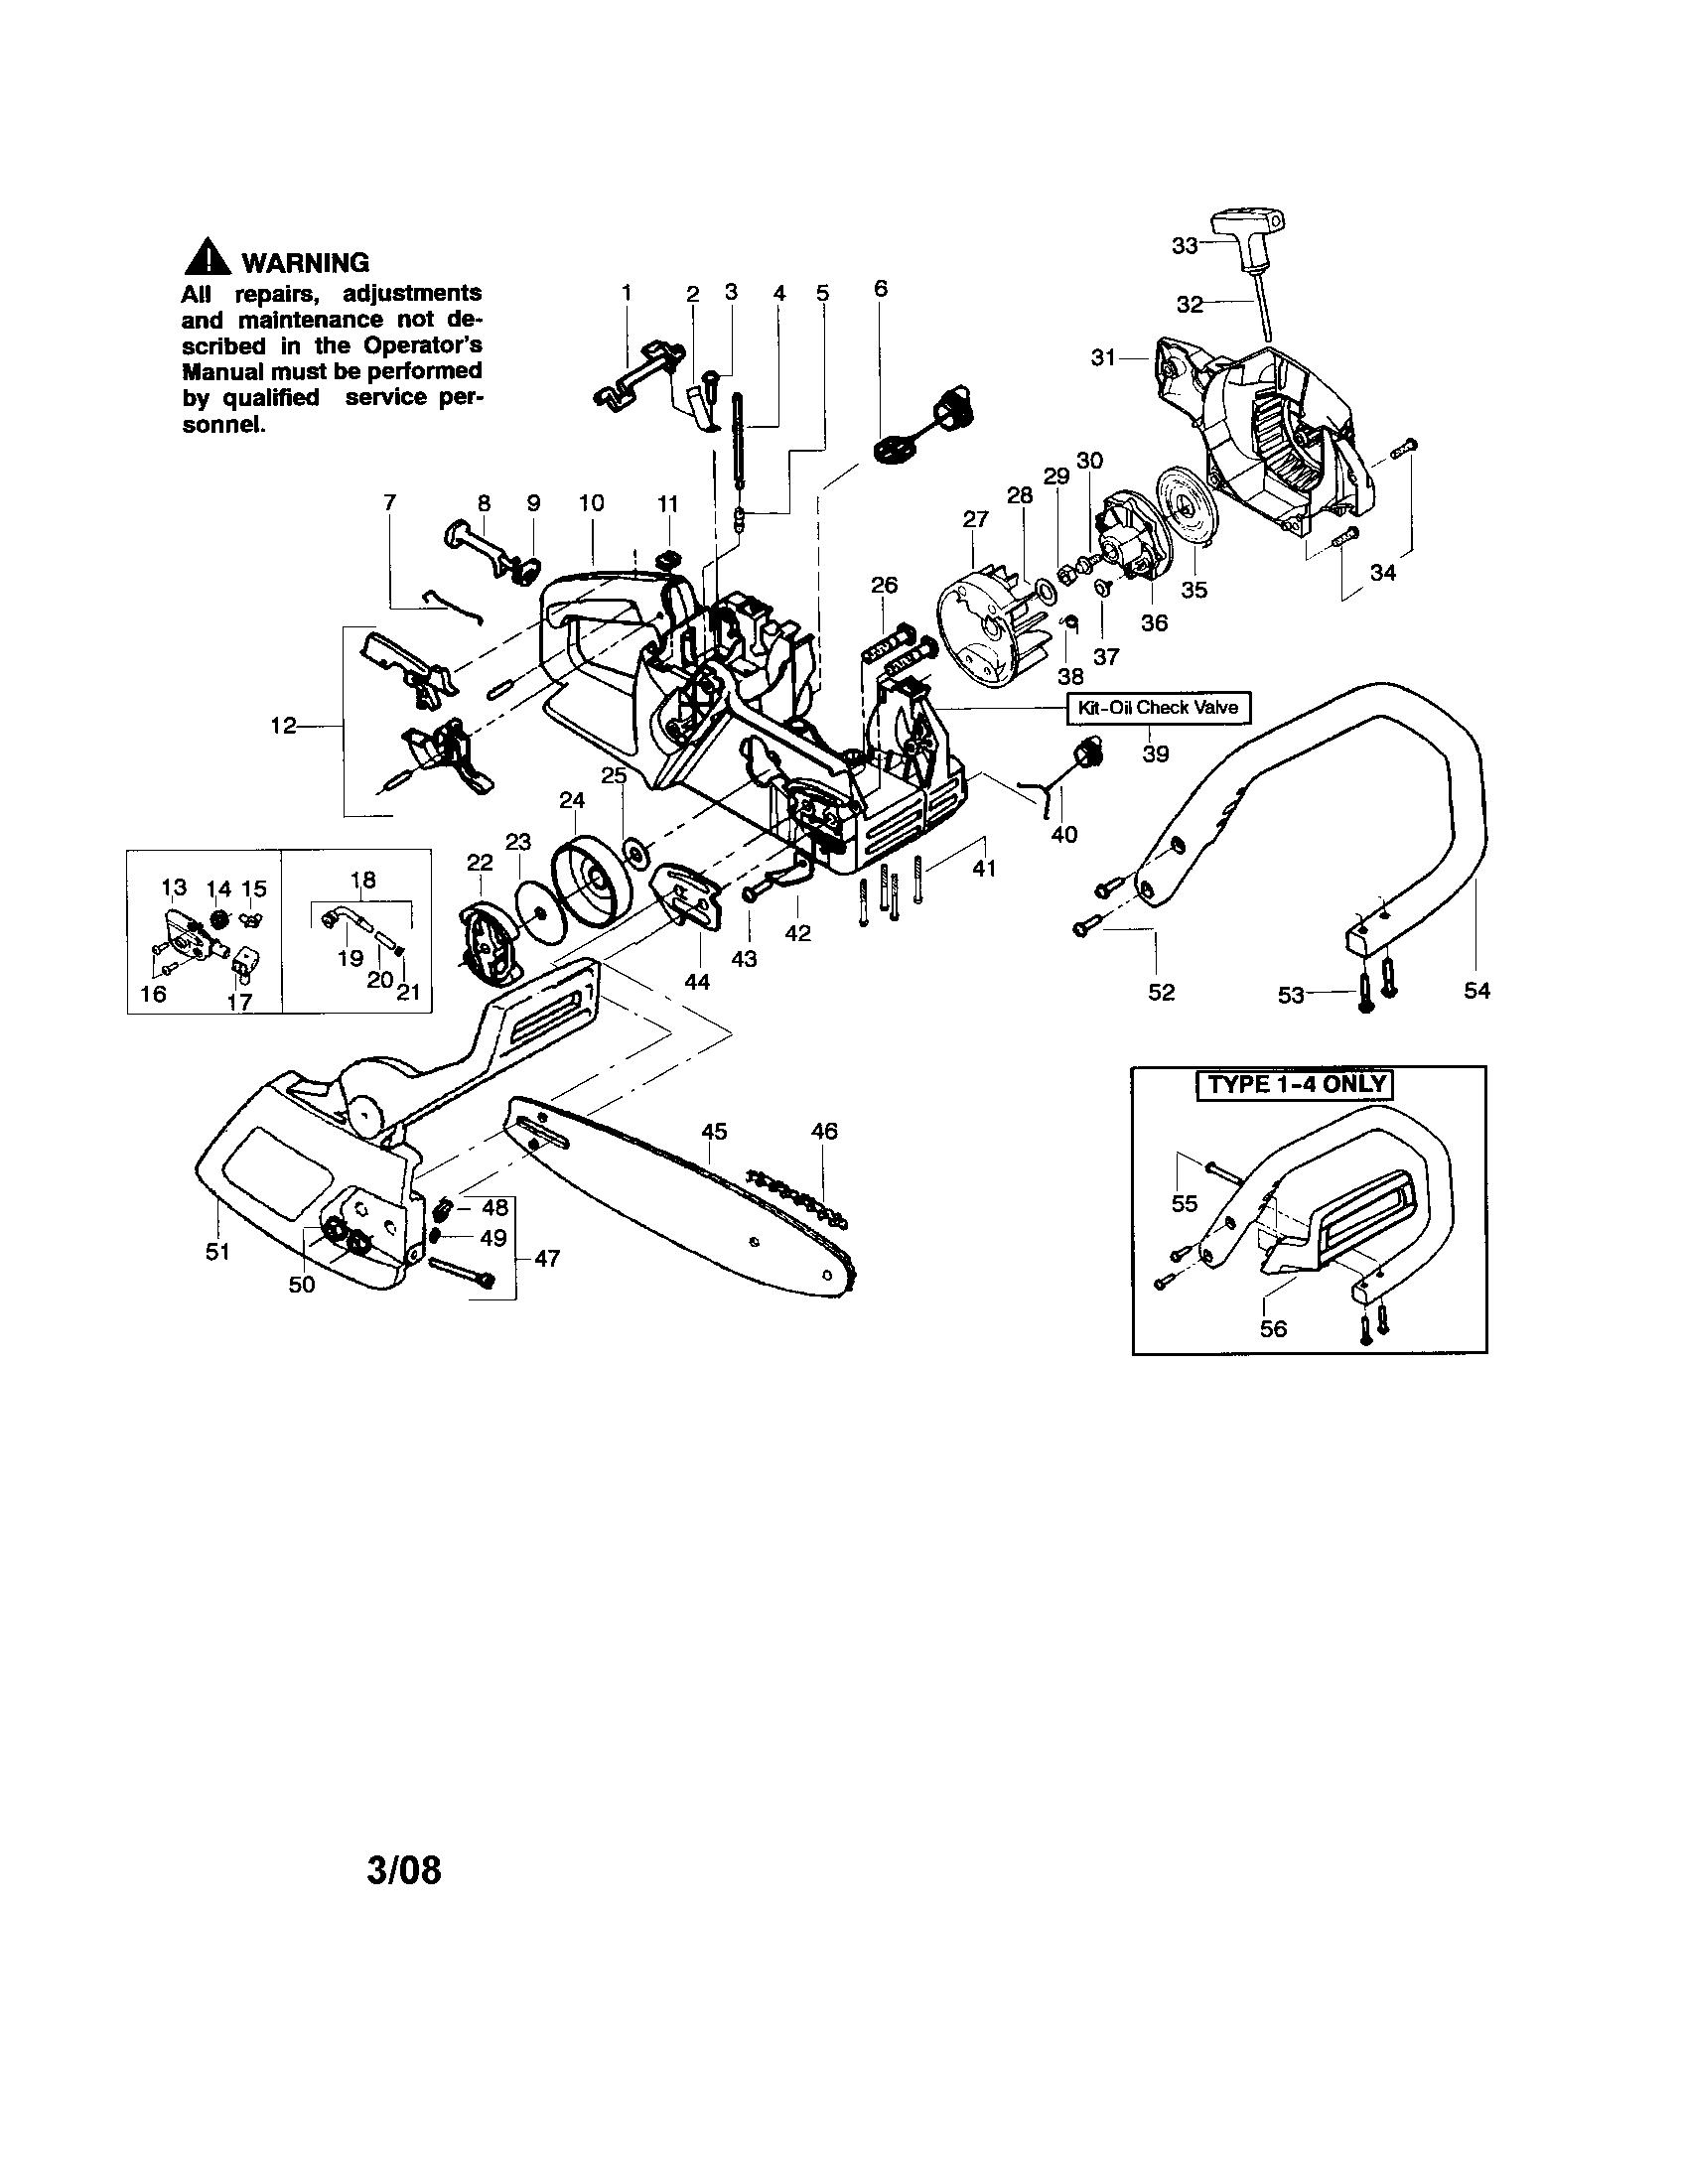 Poulan Chain Saw Parts Diagram : poulan, chain, parts, diagram, Poulan, Chainsaw, Parts, Sears, PartsDirect